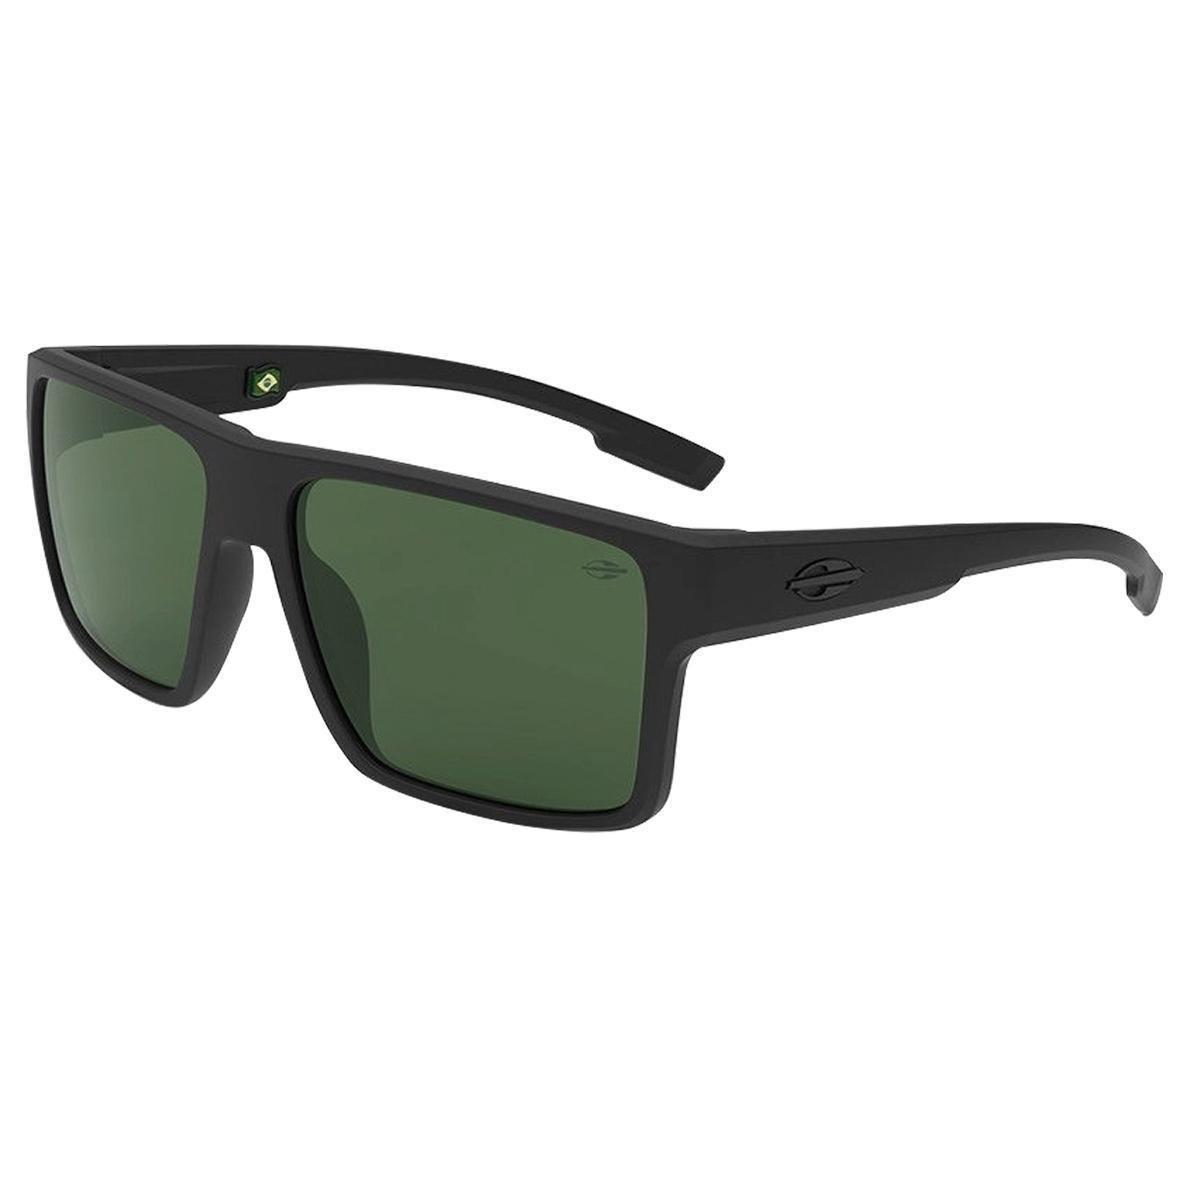 Óculos De Sol Mormaii Macau  M0113 A1471/59